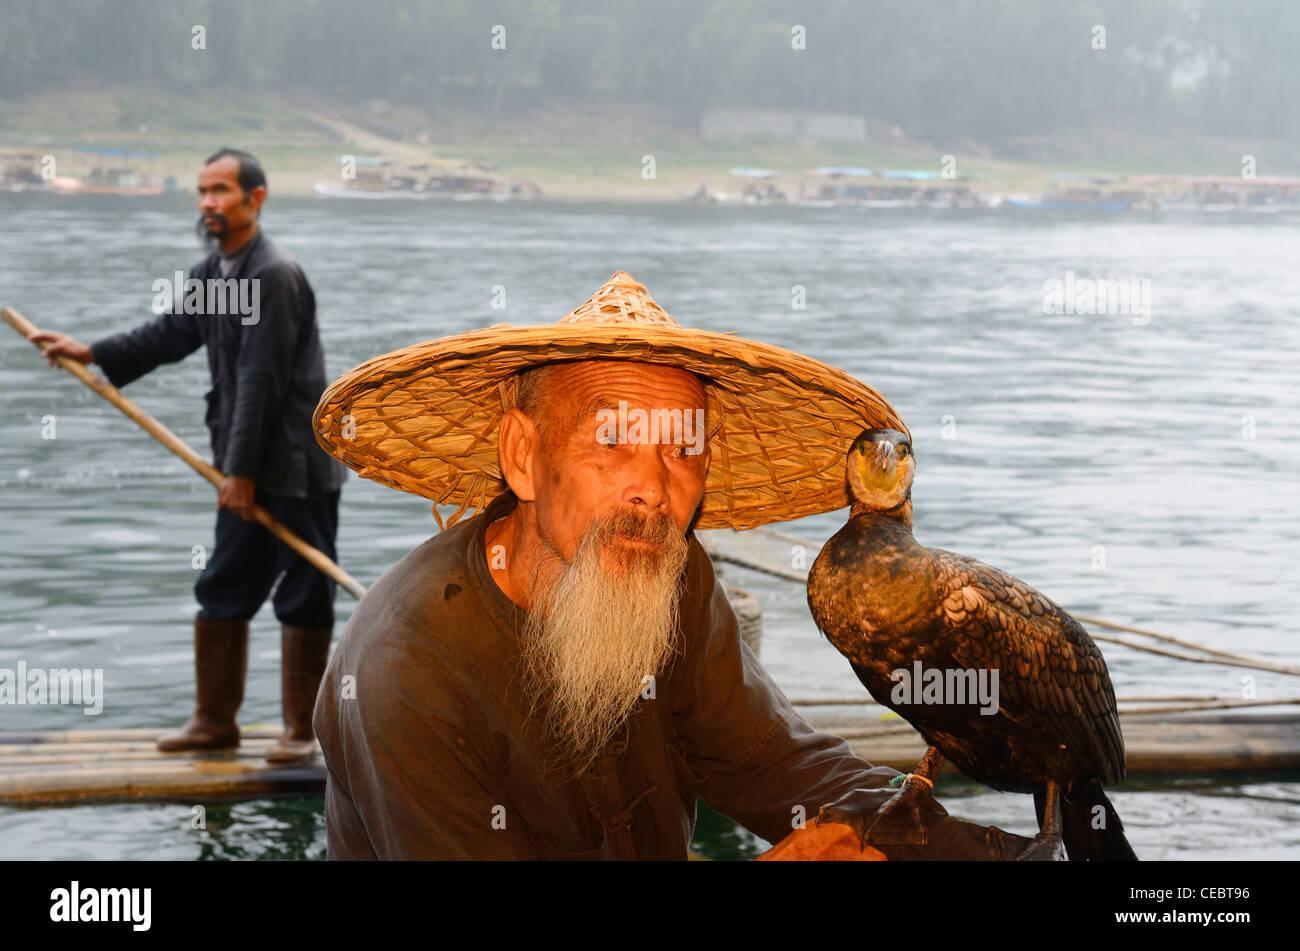 Cormorant fisherman holding bird and another paddling past on the Li or Lijiang river near Xingpingzhen Yangshuo, Guilin, Guangxi China Stock Photo